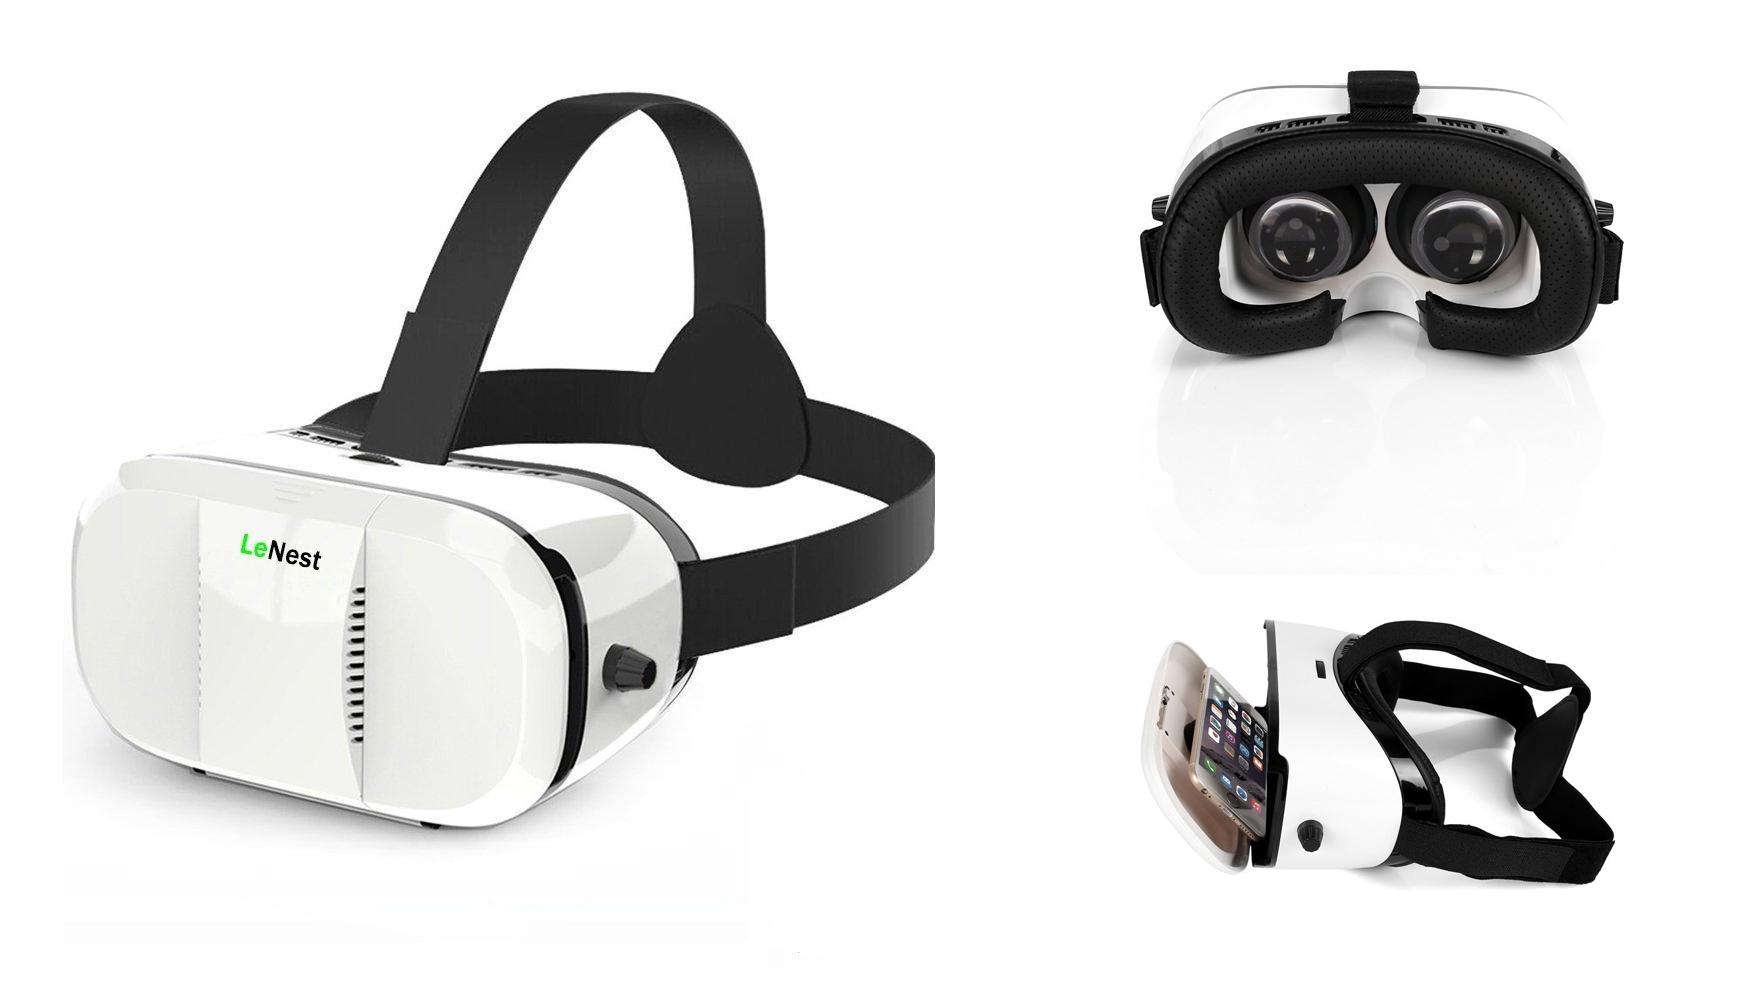 best vr headset 2016 LeNest VR Headset